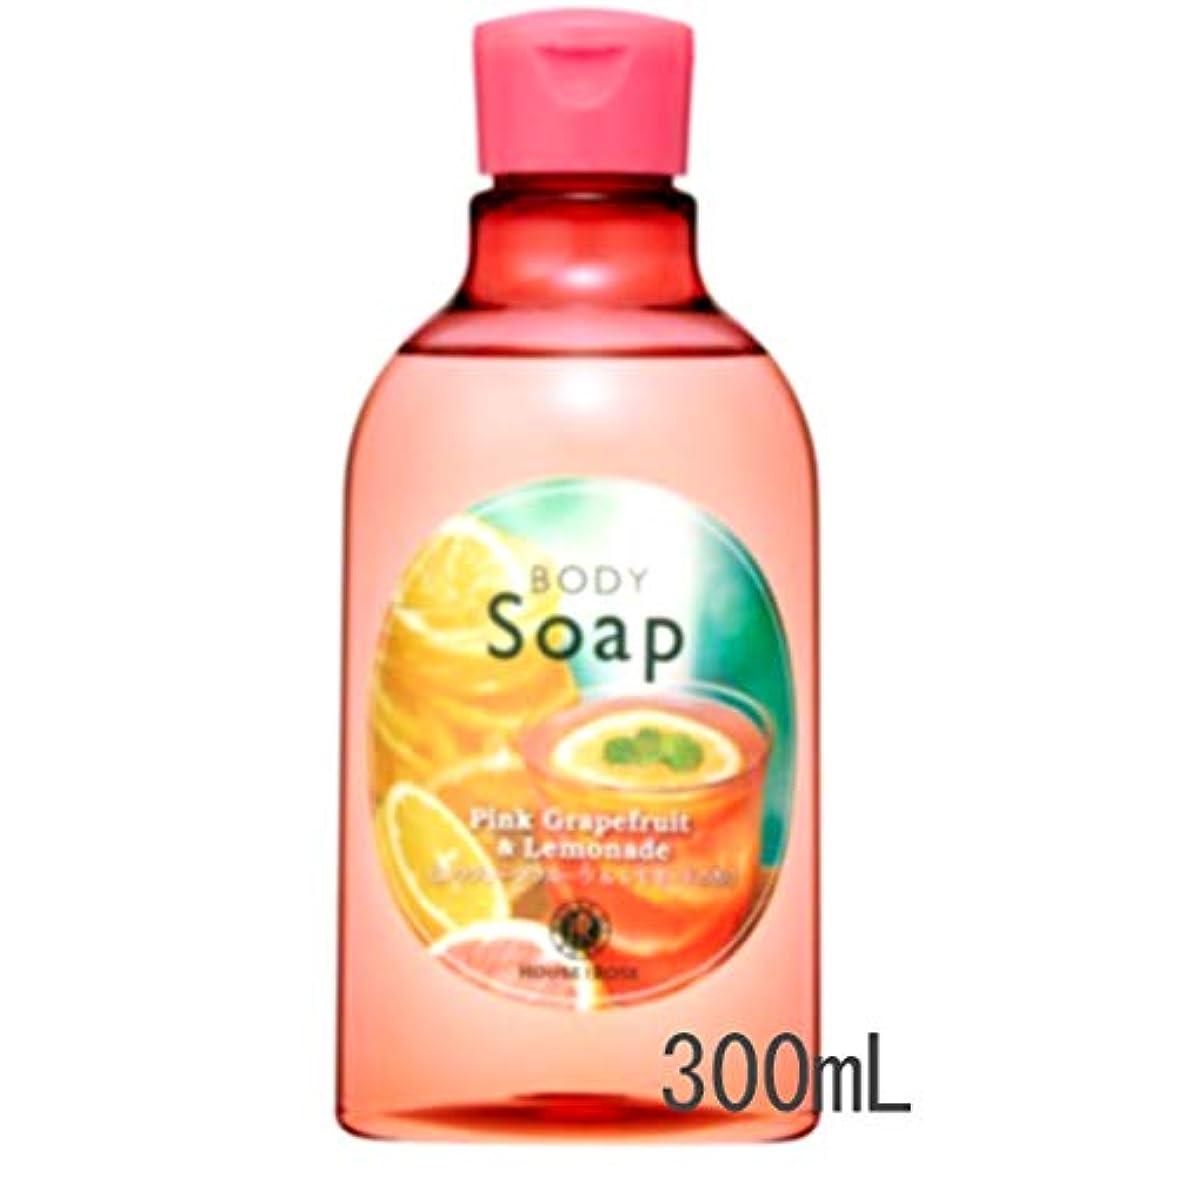 お母さんラフト価値HOUSE OF ROSE(ハウスオブローゼ) ボディソープ PL(ピンクグレープフルーツ&レモネードの香り)300mL